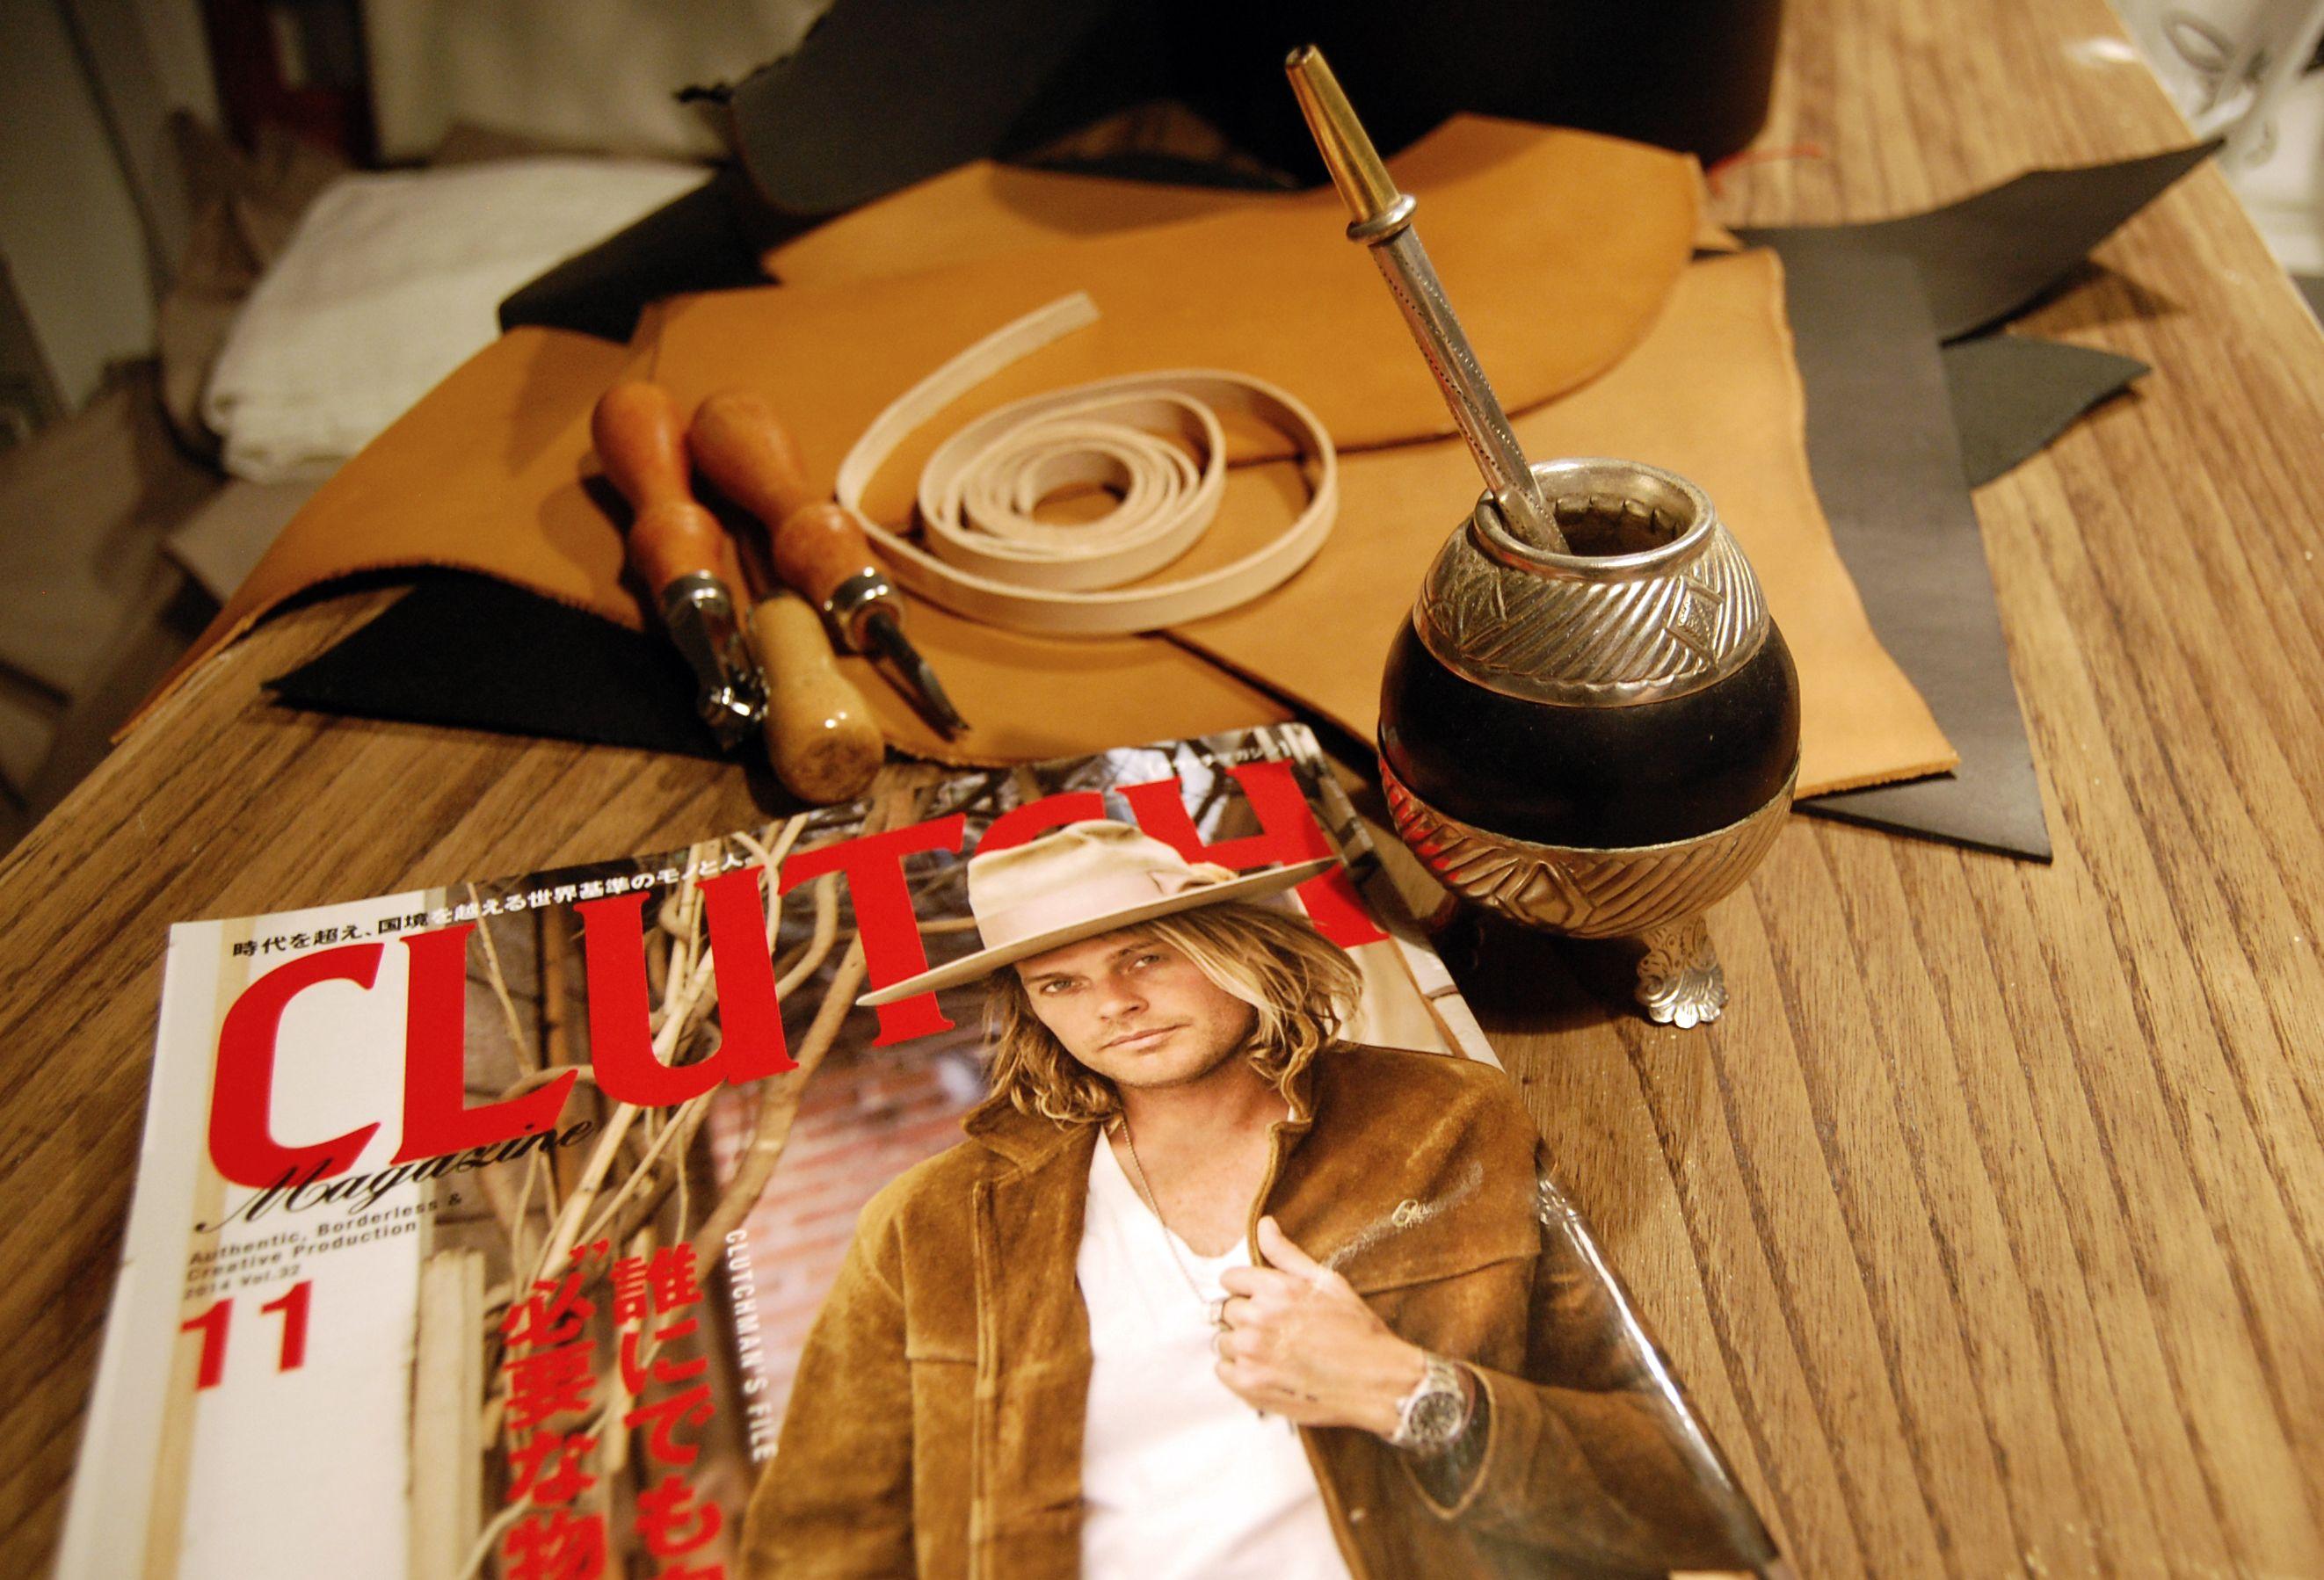 Matiando ...!!! BrambySupplyCo. #CLUTCHMagazine #clutchmagjapan #nickfouquet